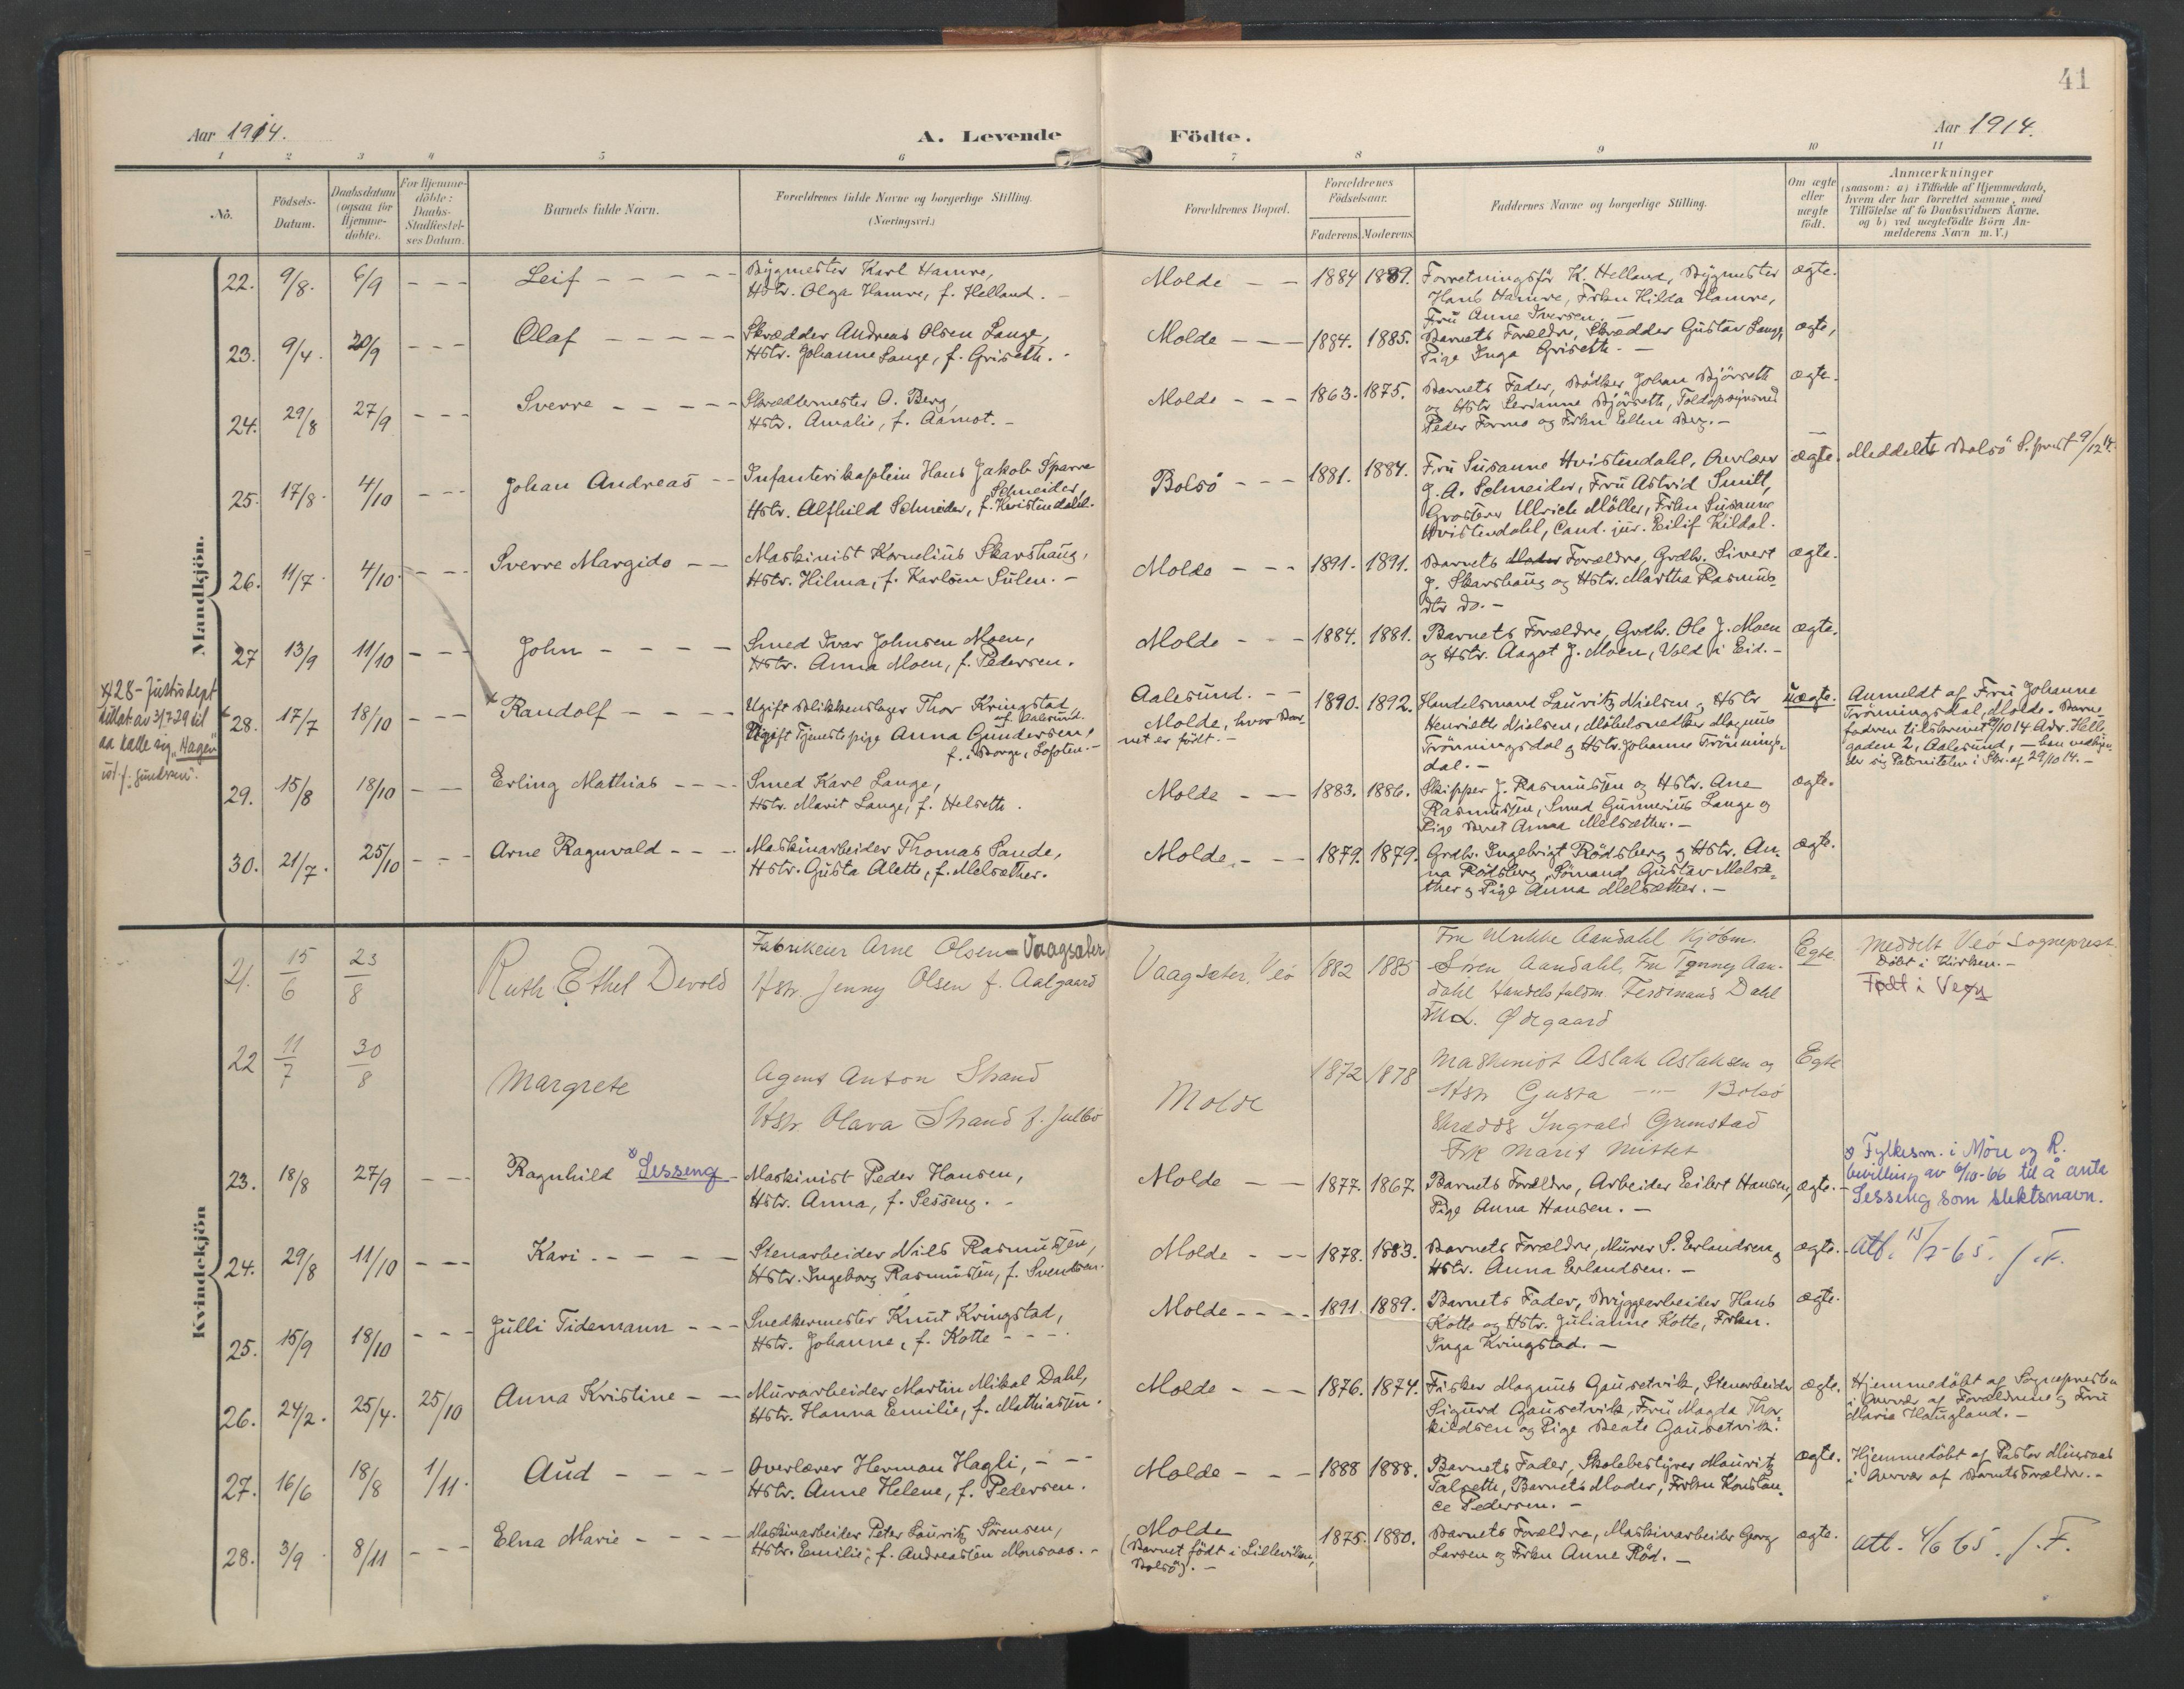 SAT, Ministerialprotokoller, klokkerbøker og fødselsregistre - Møre og Romsdal, 558/L0693: Ministerialbok nr. 558A07, 1903-1917, s. 41